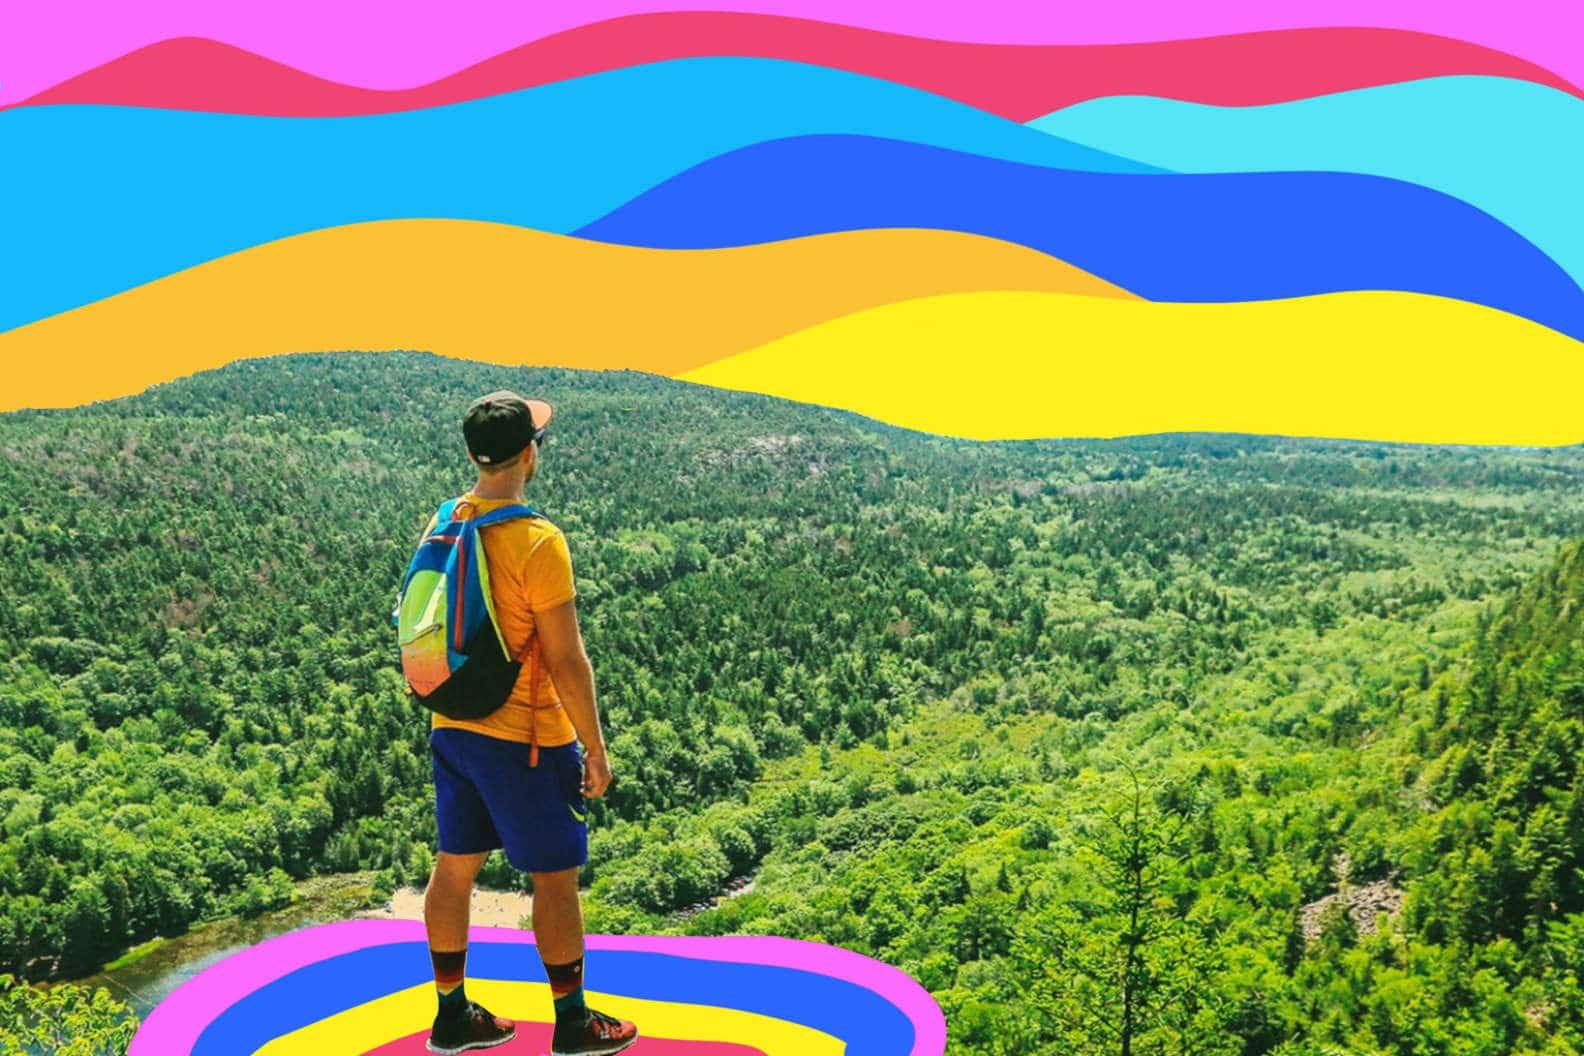 thrillist guide to day hiking essentials